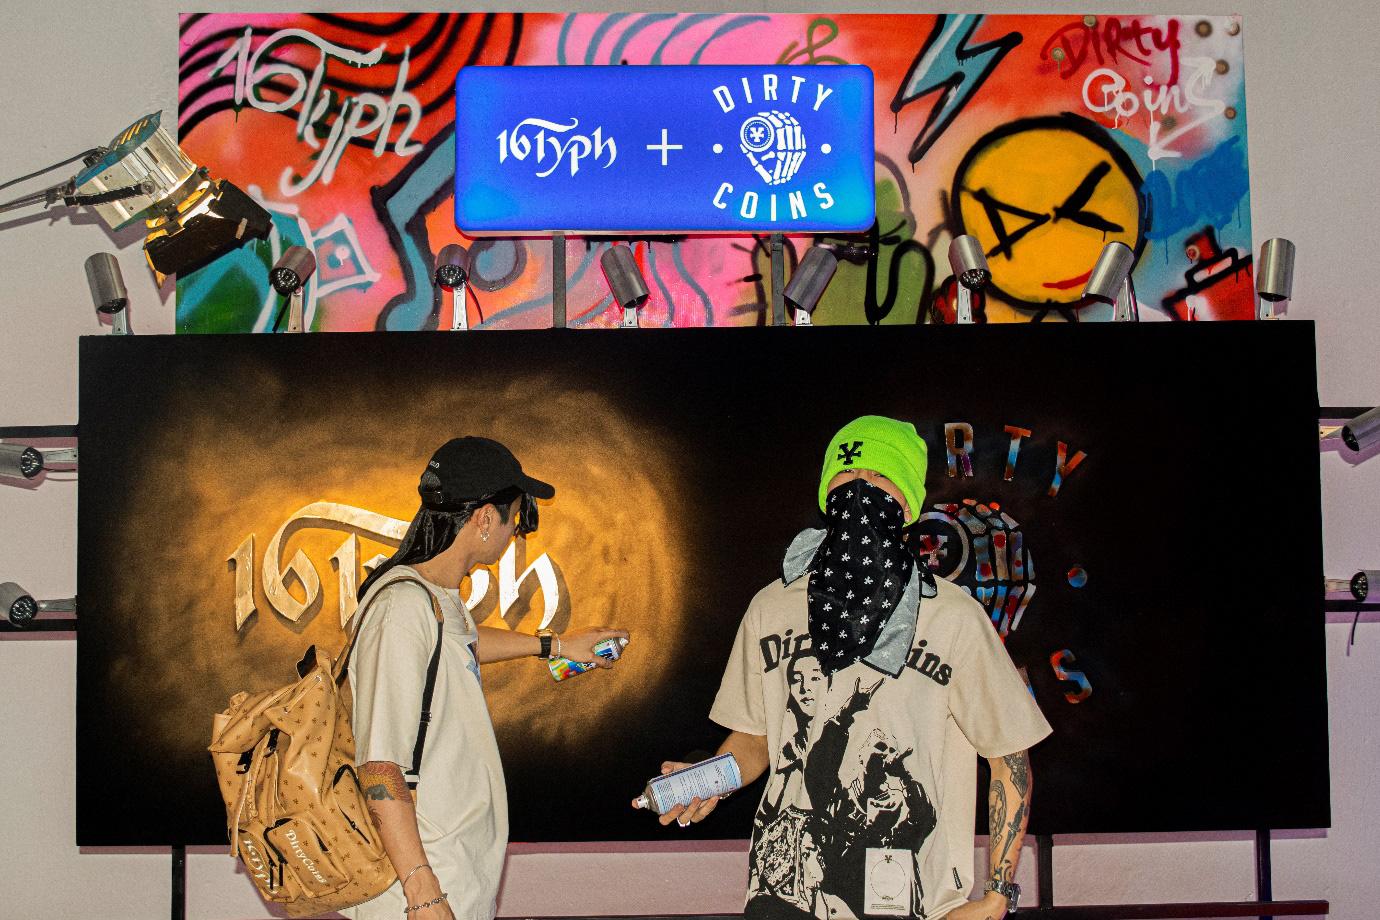 Cảm hứng về thời trang đậm chất hip-hop trong collection kết hợp giữa 16 Typh và DirtyCoins - Ảnh 2.